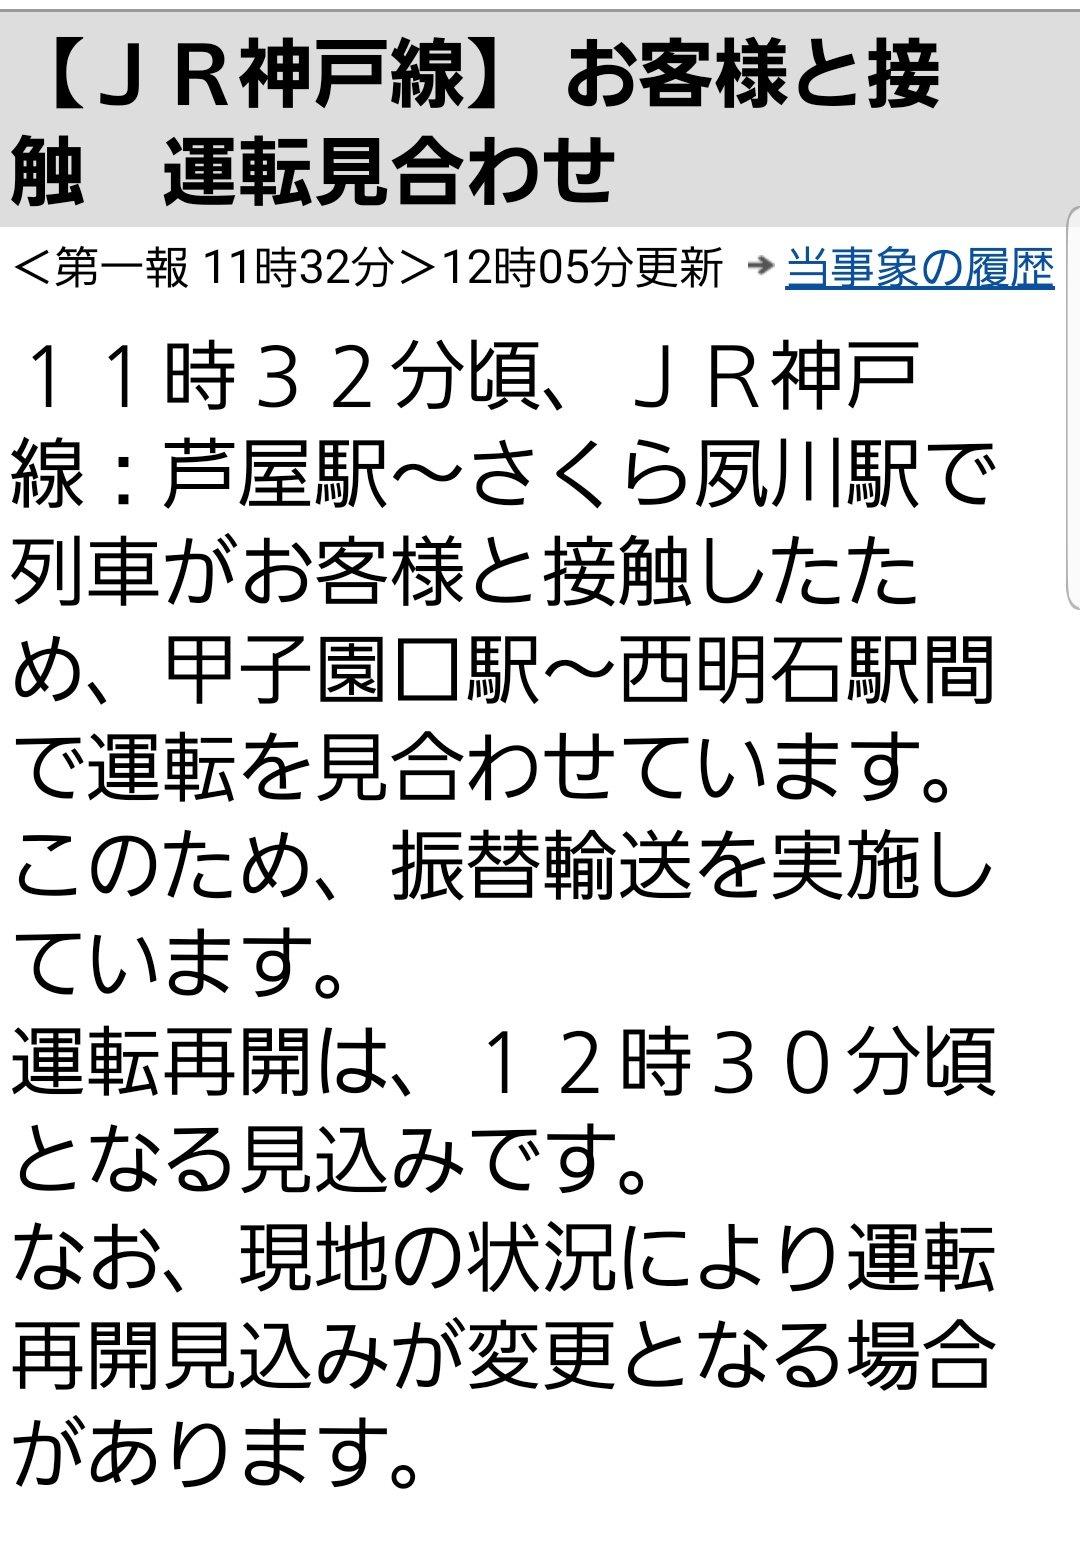 画像,列車運行情報JR西日本12:05更新11:32頃JR神戸線:芦屋駅~さくら夙川駅で列車がお客様と接触、甲子園口駅~西明石駅間で運転を見合わせ振替輸送を実施中運転…